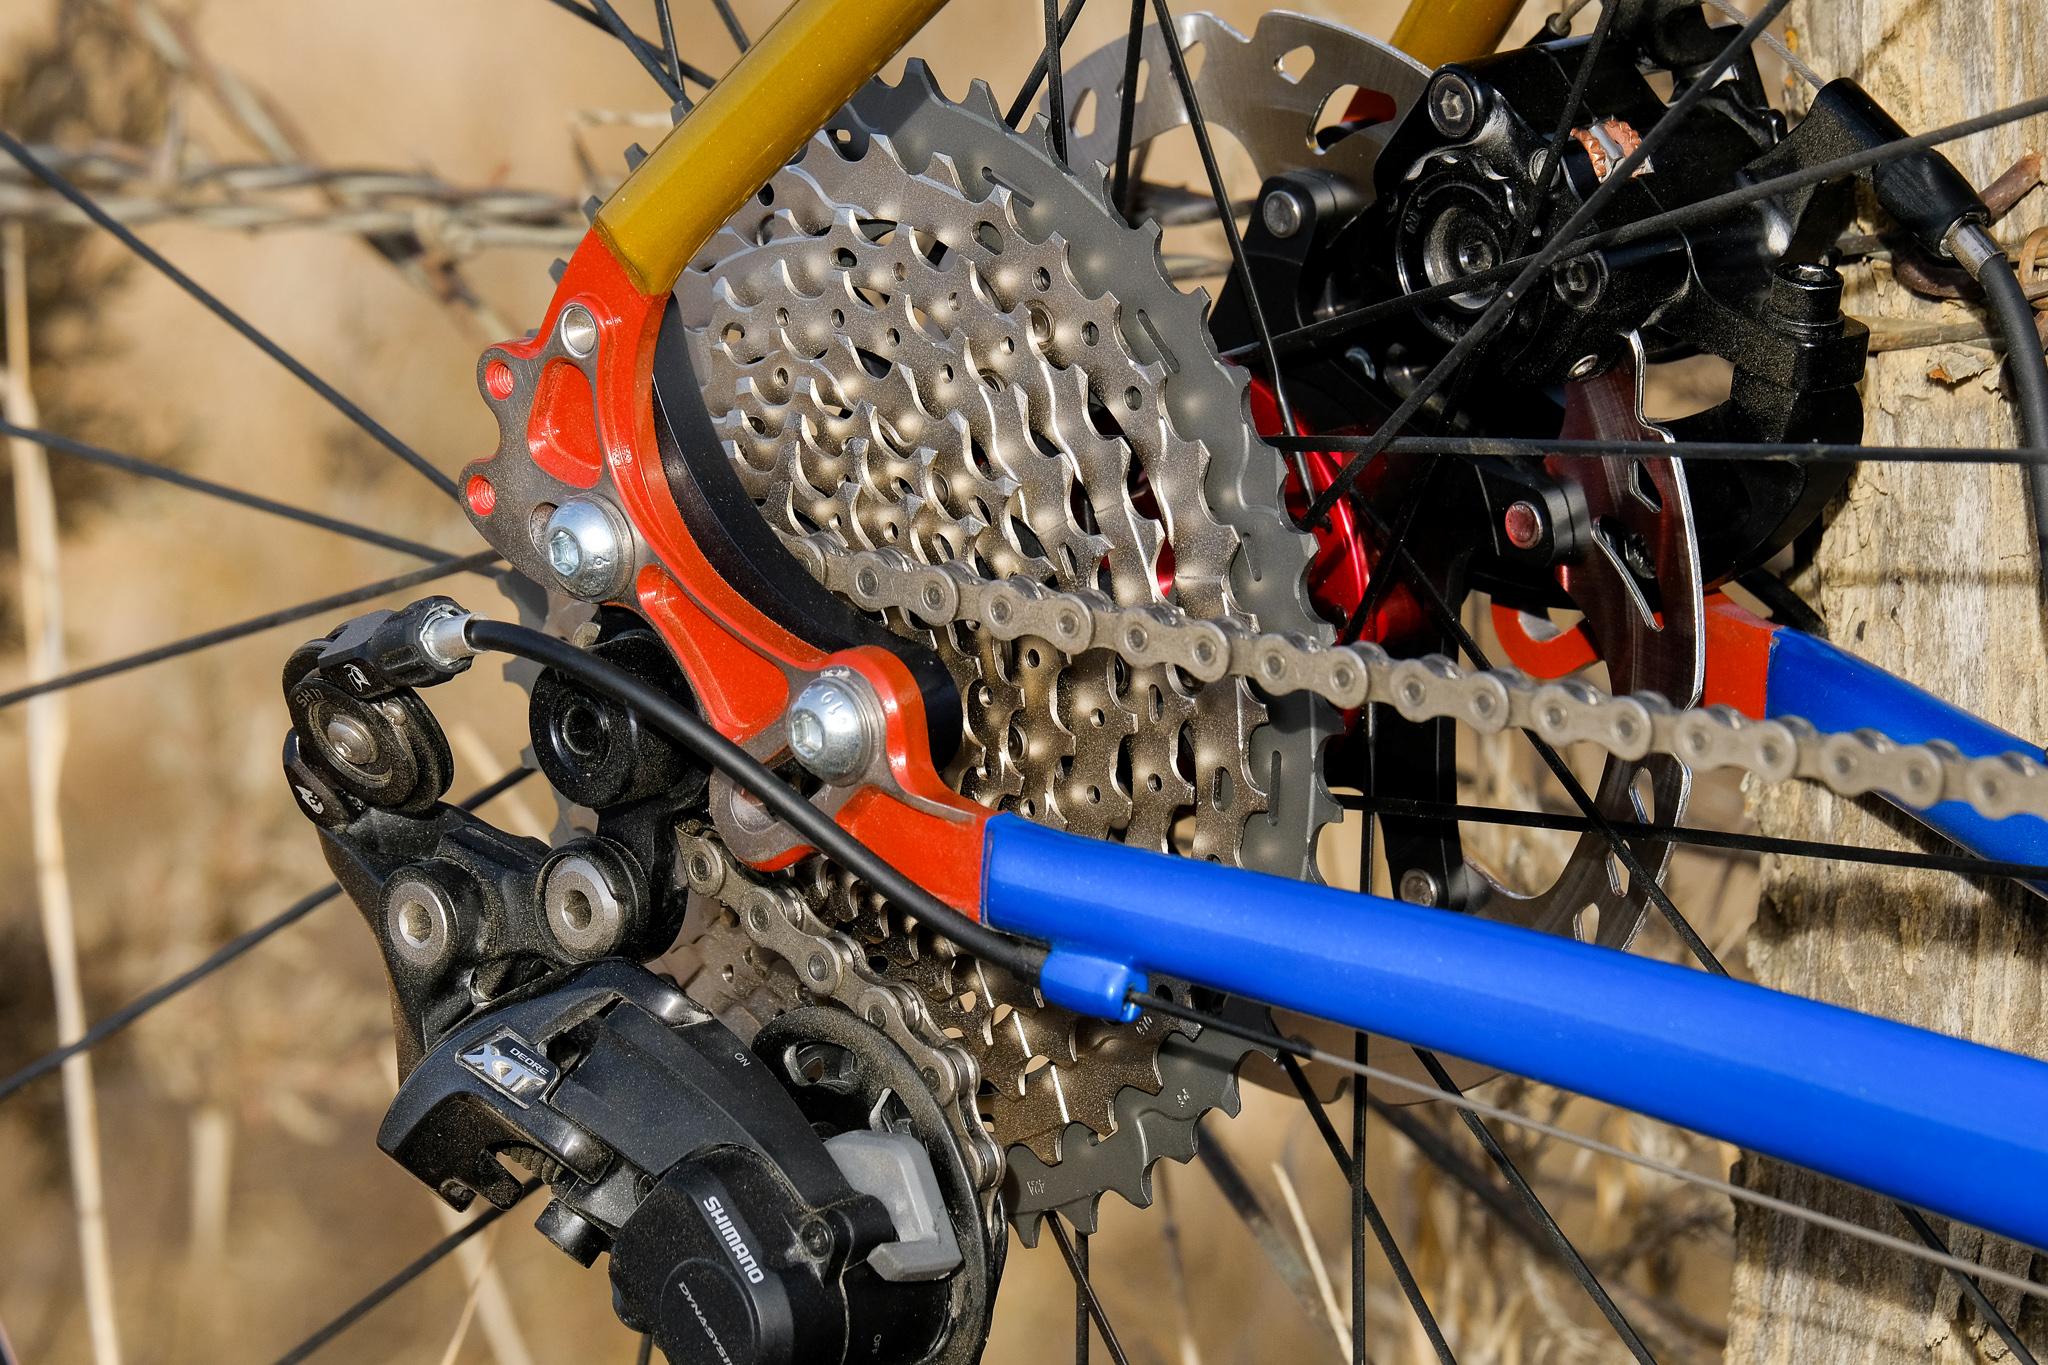 2018-02-18 Beth Morford Pedalino Bike Fuji Jpeg-119.jpg